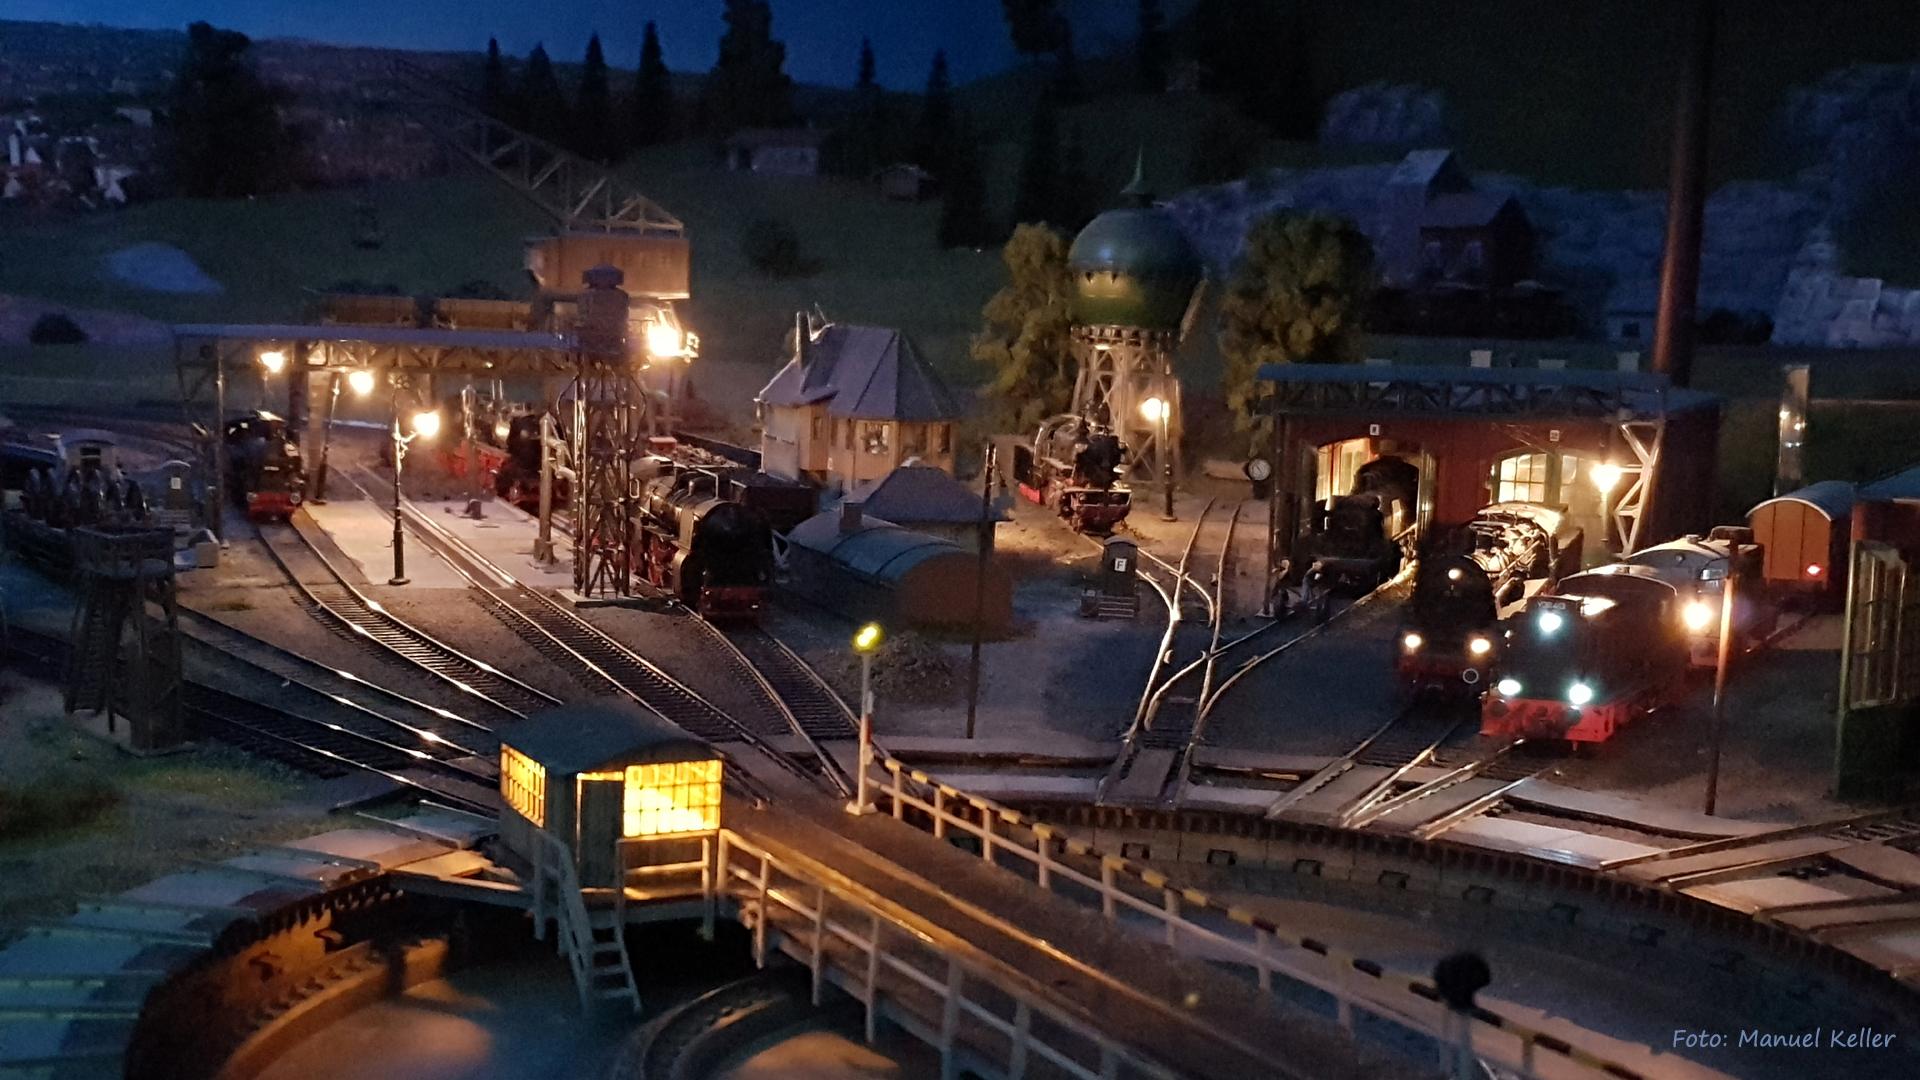 Bahnbetriebswerk-BADEN-BADEN bei Nacht